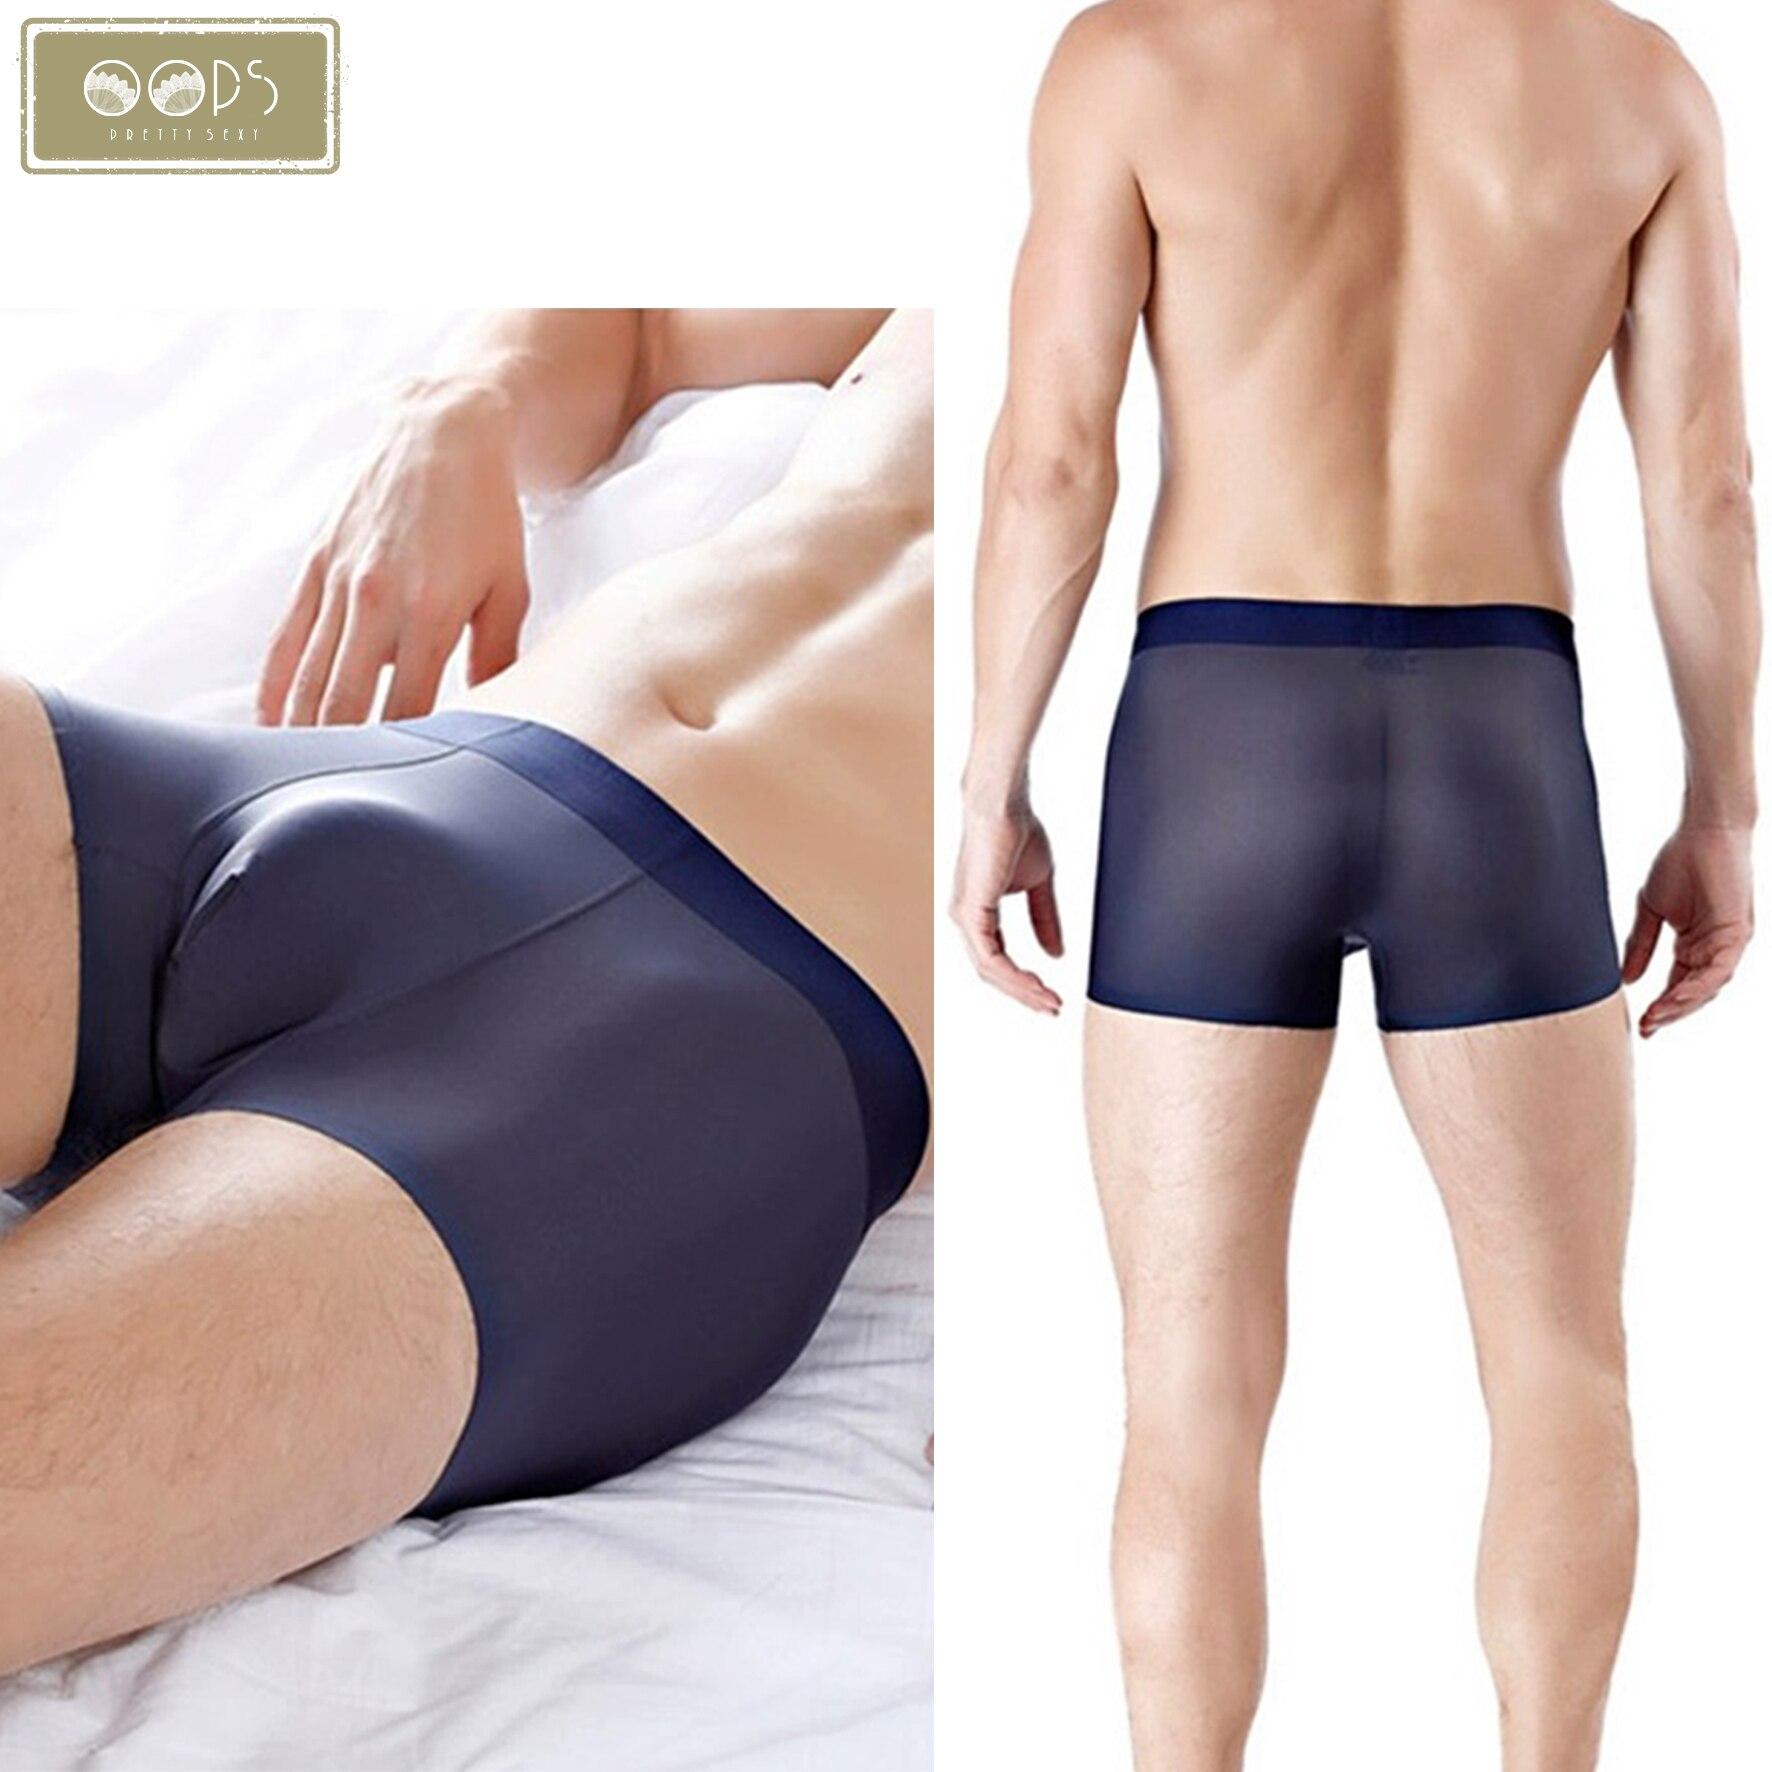 Calzoncillos de seda para hombre ultra finos gris calzoncillos de boxer para hombre SFeng calzoncillos de malla 2XL de fibra de hielo transpirable